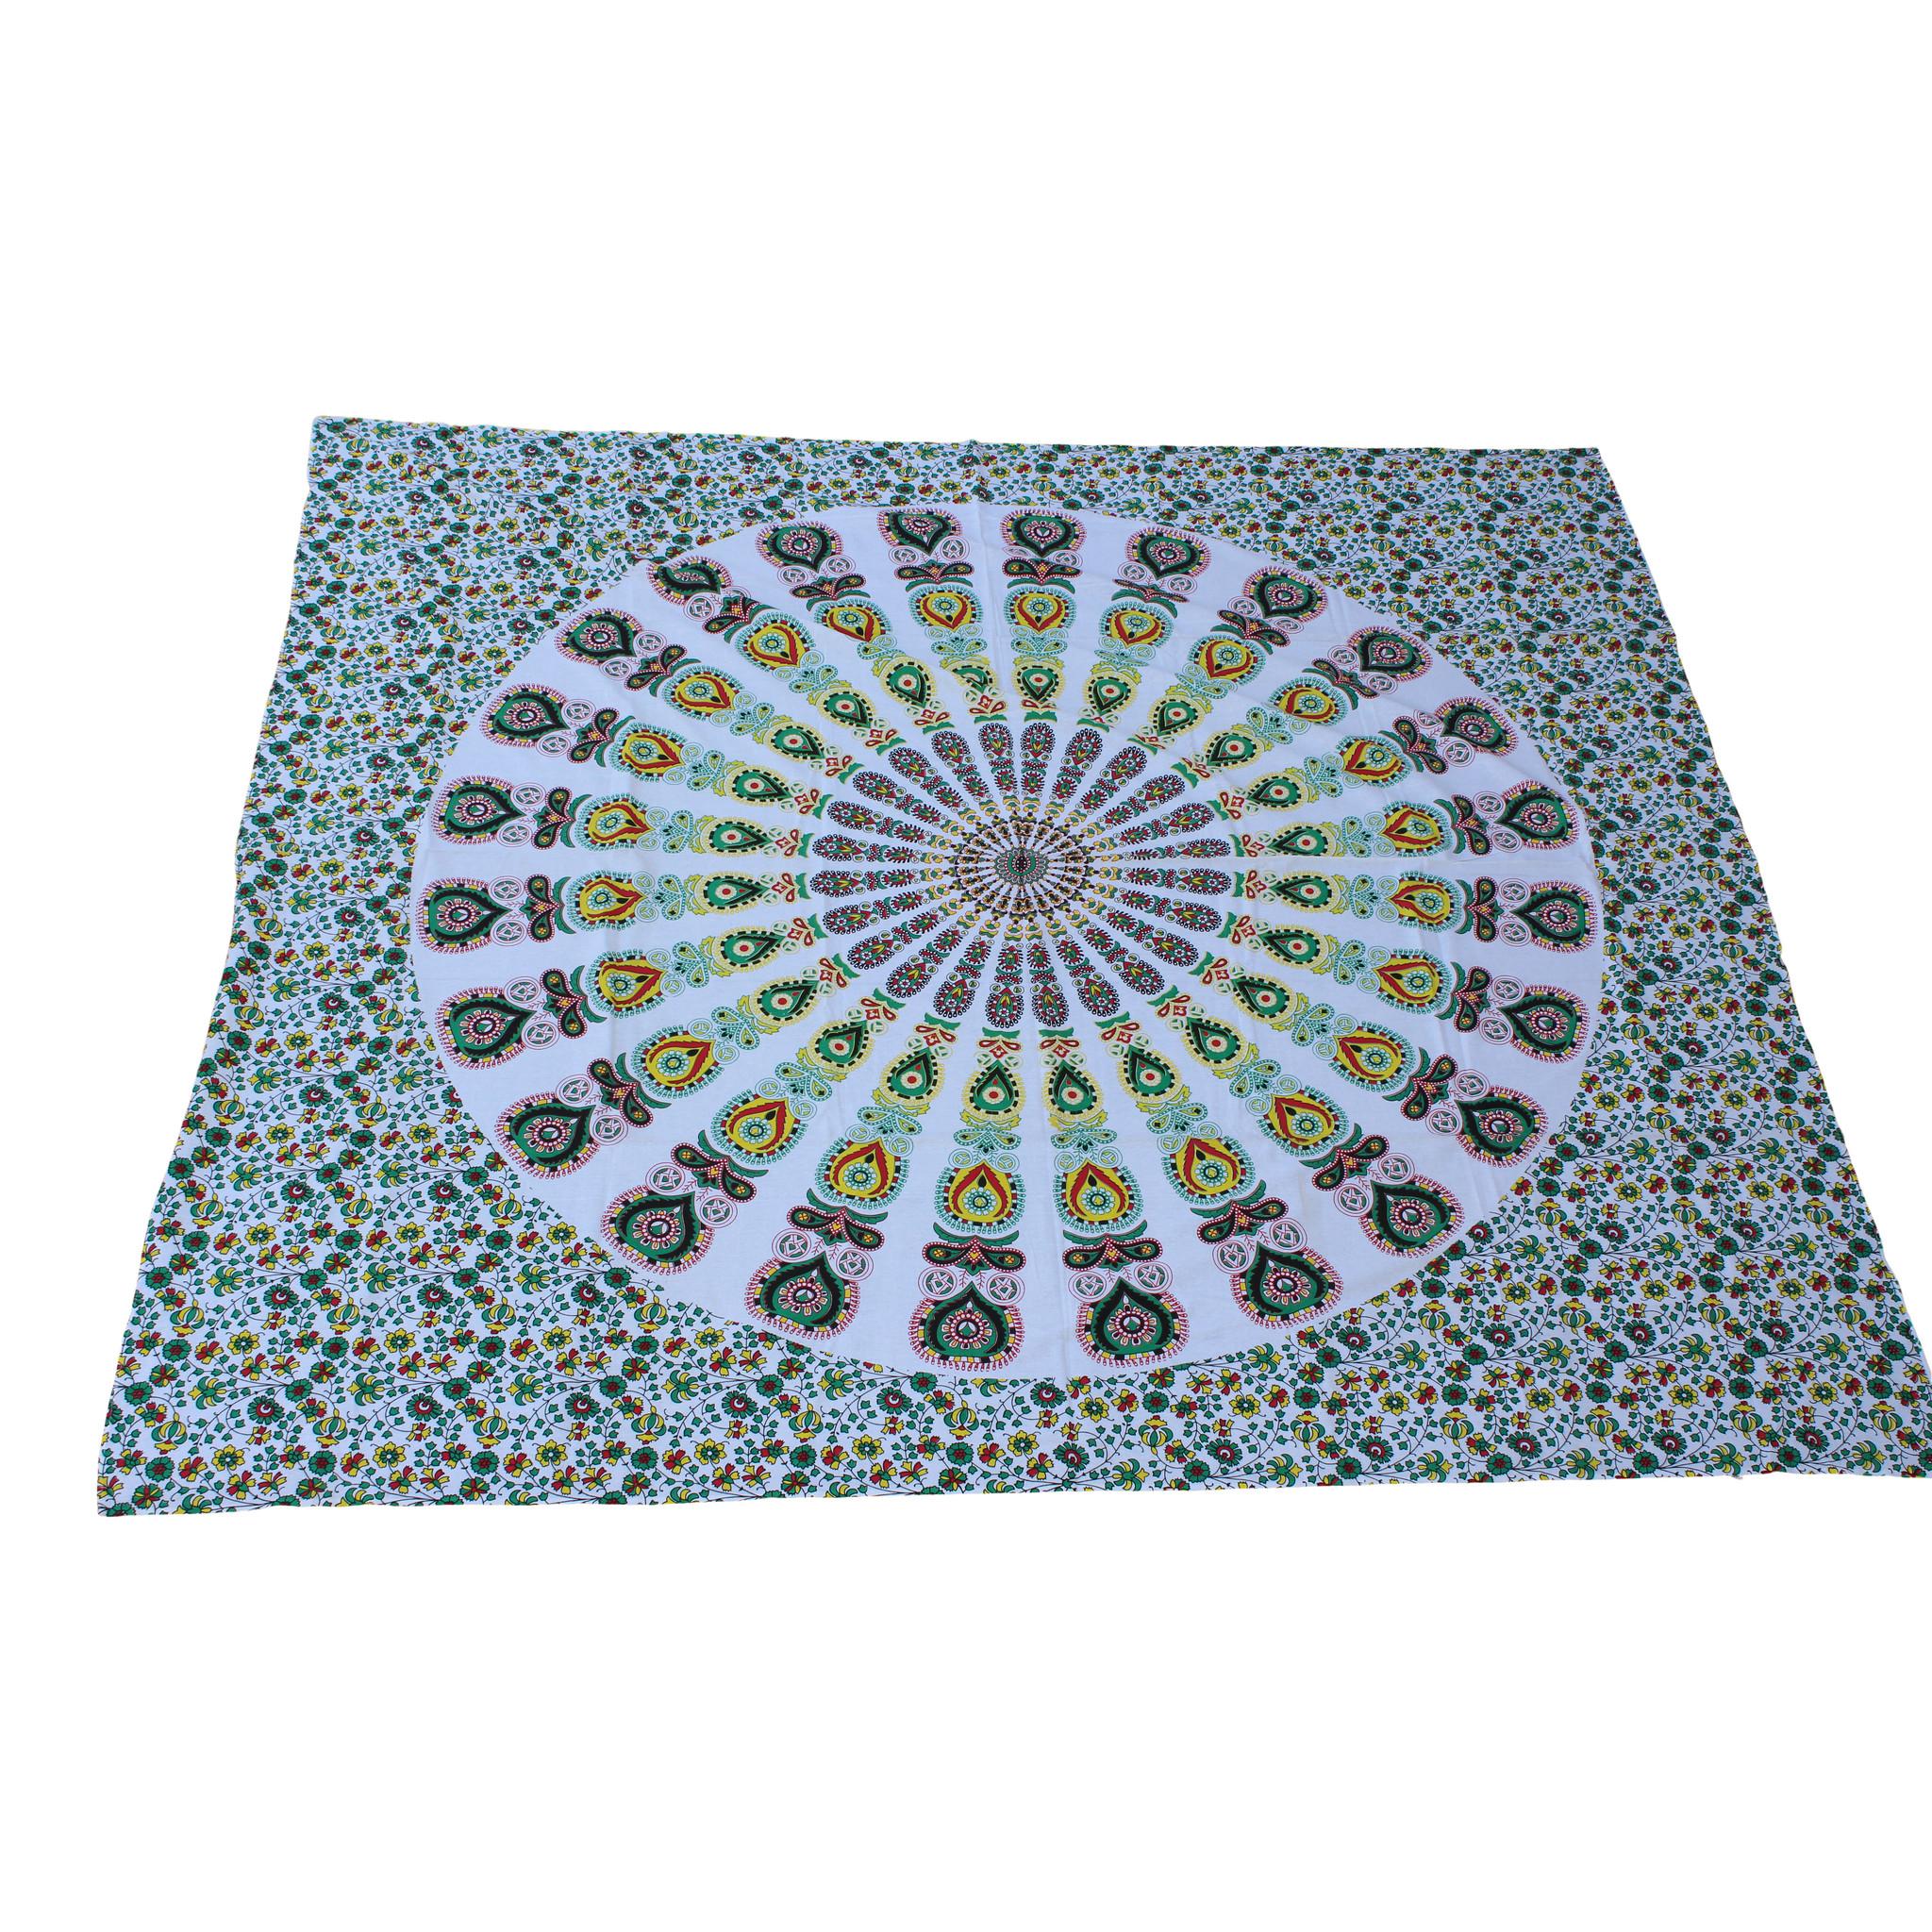 Myroundie Myroundie - roundie - vierkant strandlaken XL – yoga kleed- speelkleed - picknickkleed -100% katoen – Q10